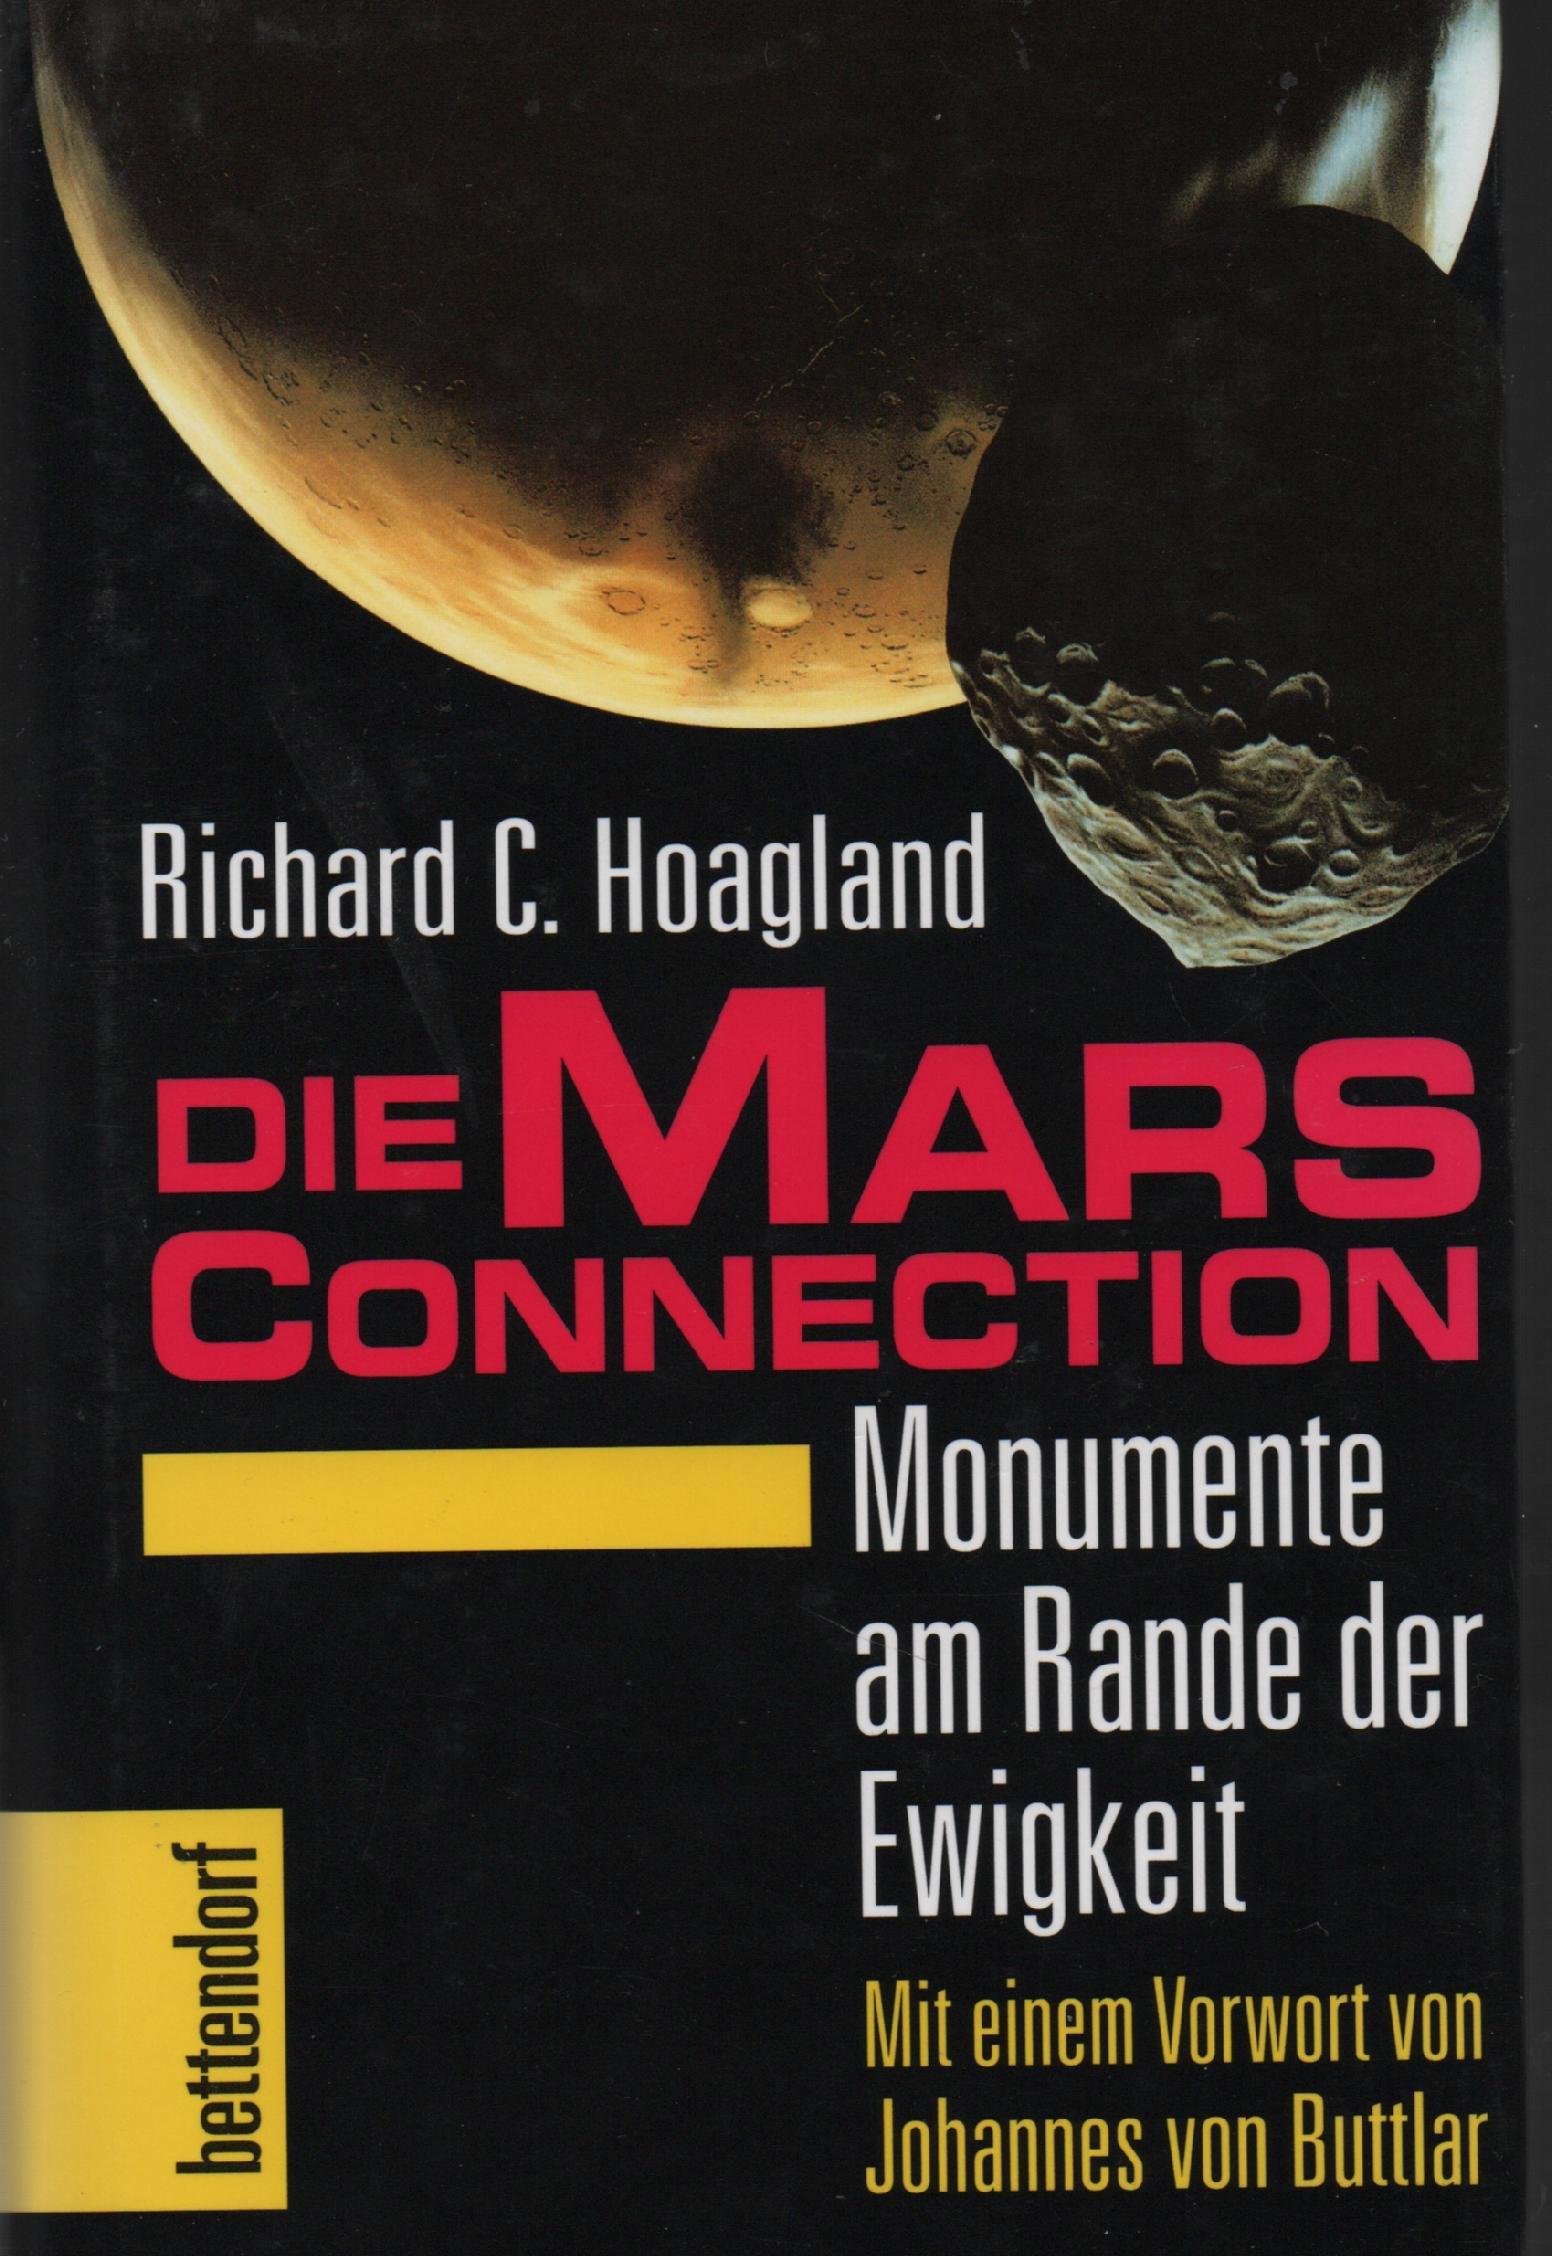 Die Mars-Connection. Monumente am Rande der Ewigkeit